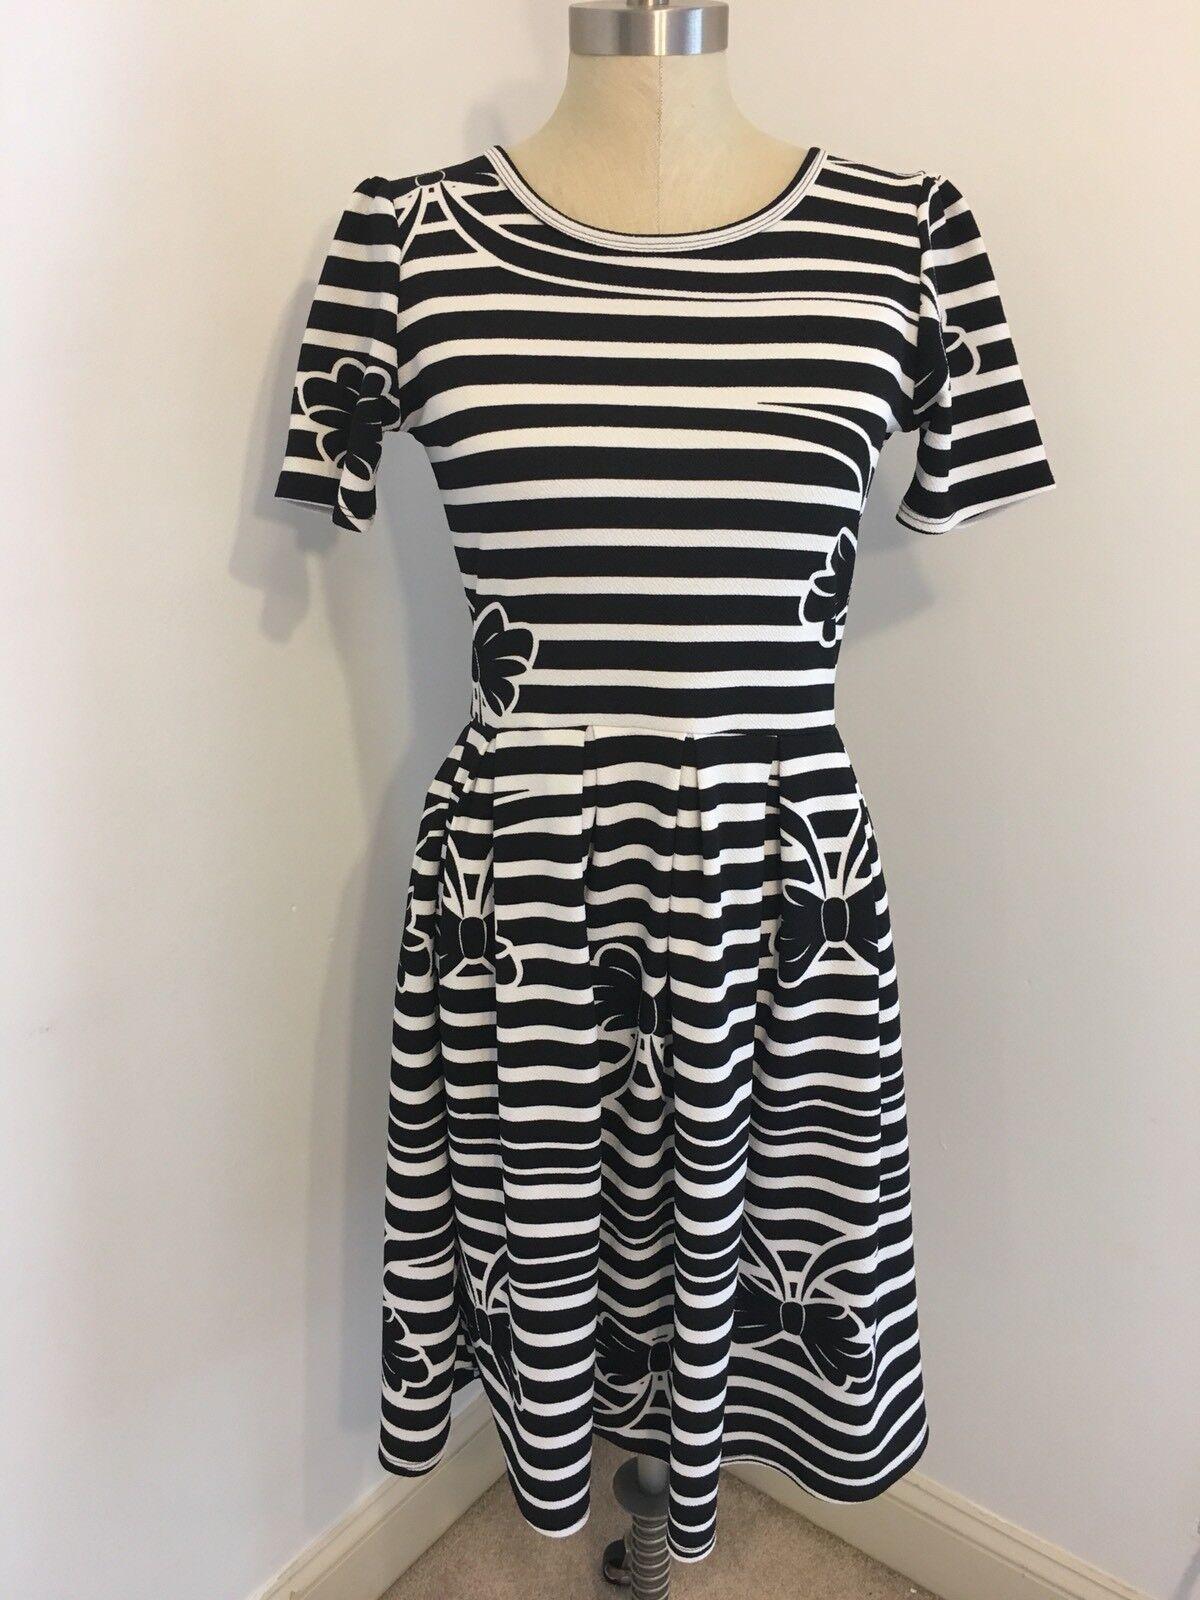 Lularoe S Small schwarz Weiß Bow Stripe Amelia Dress Vintage Unicorn